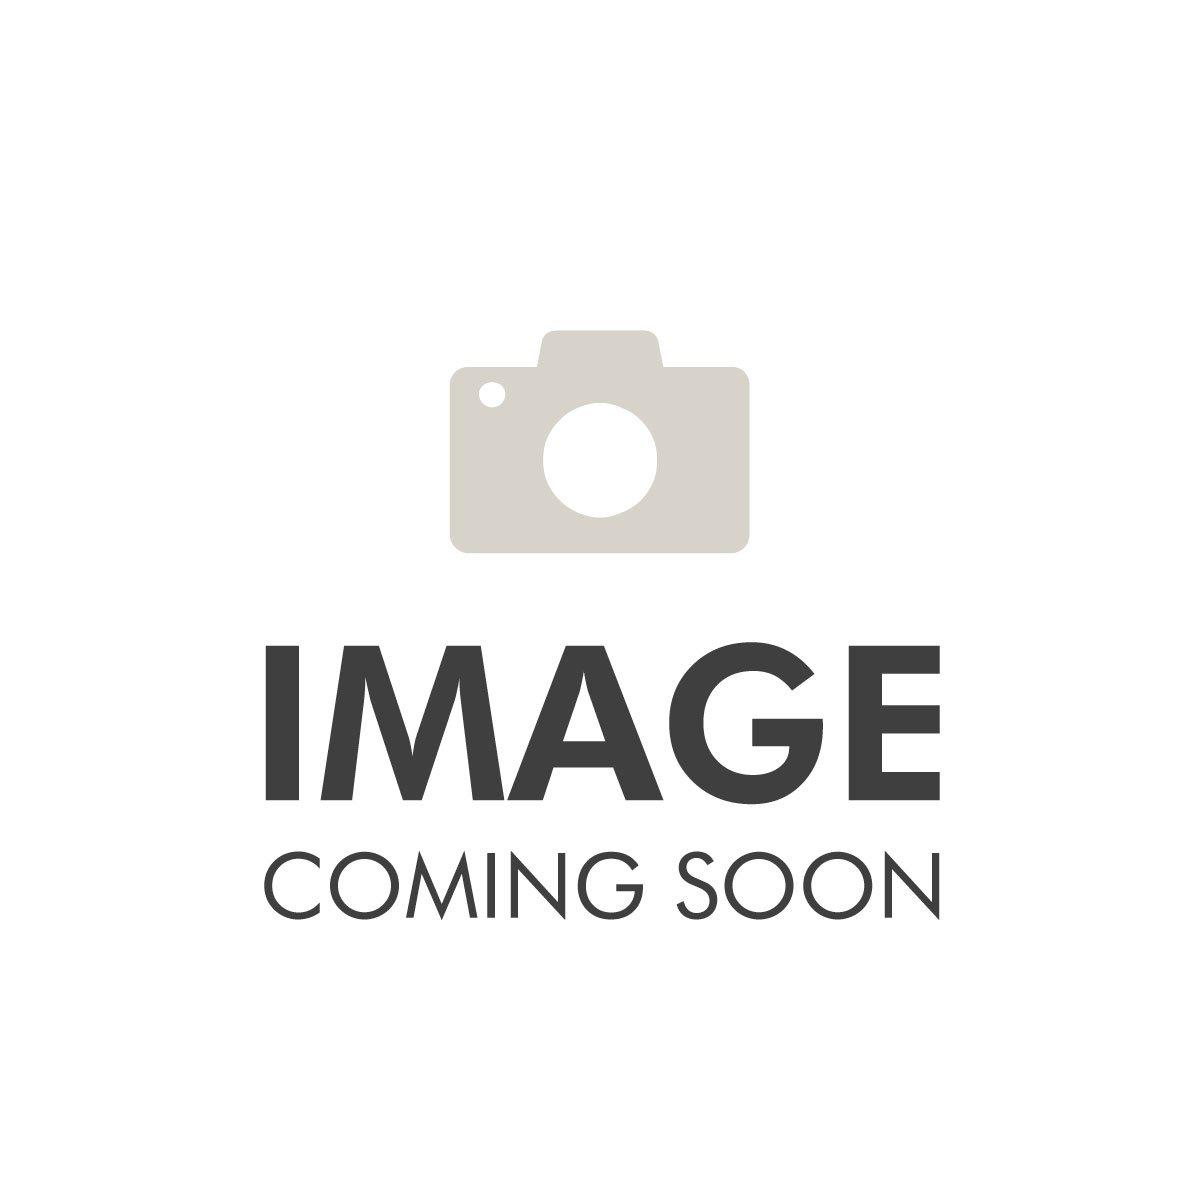 Kerastase Keratin Thermique Smoothing Taming Milk 150ml